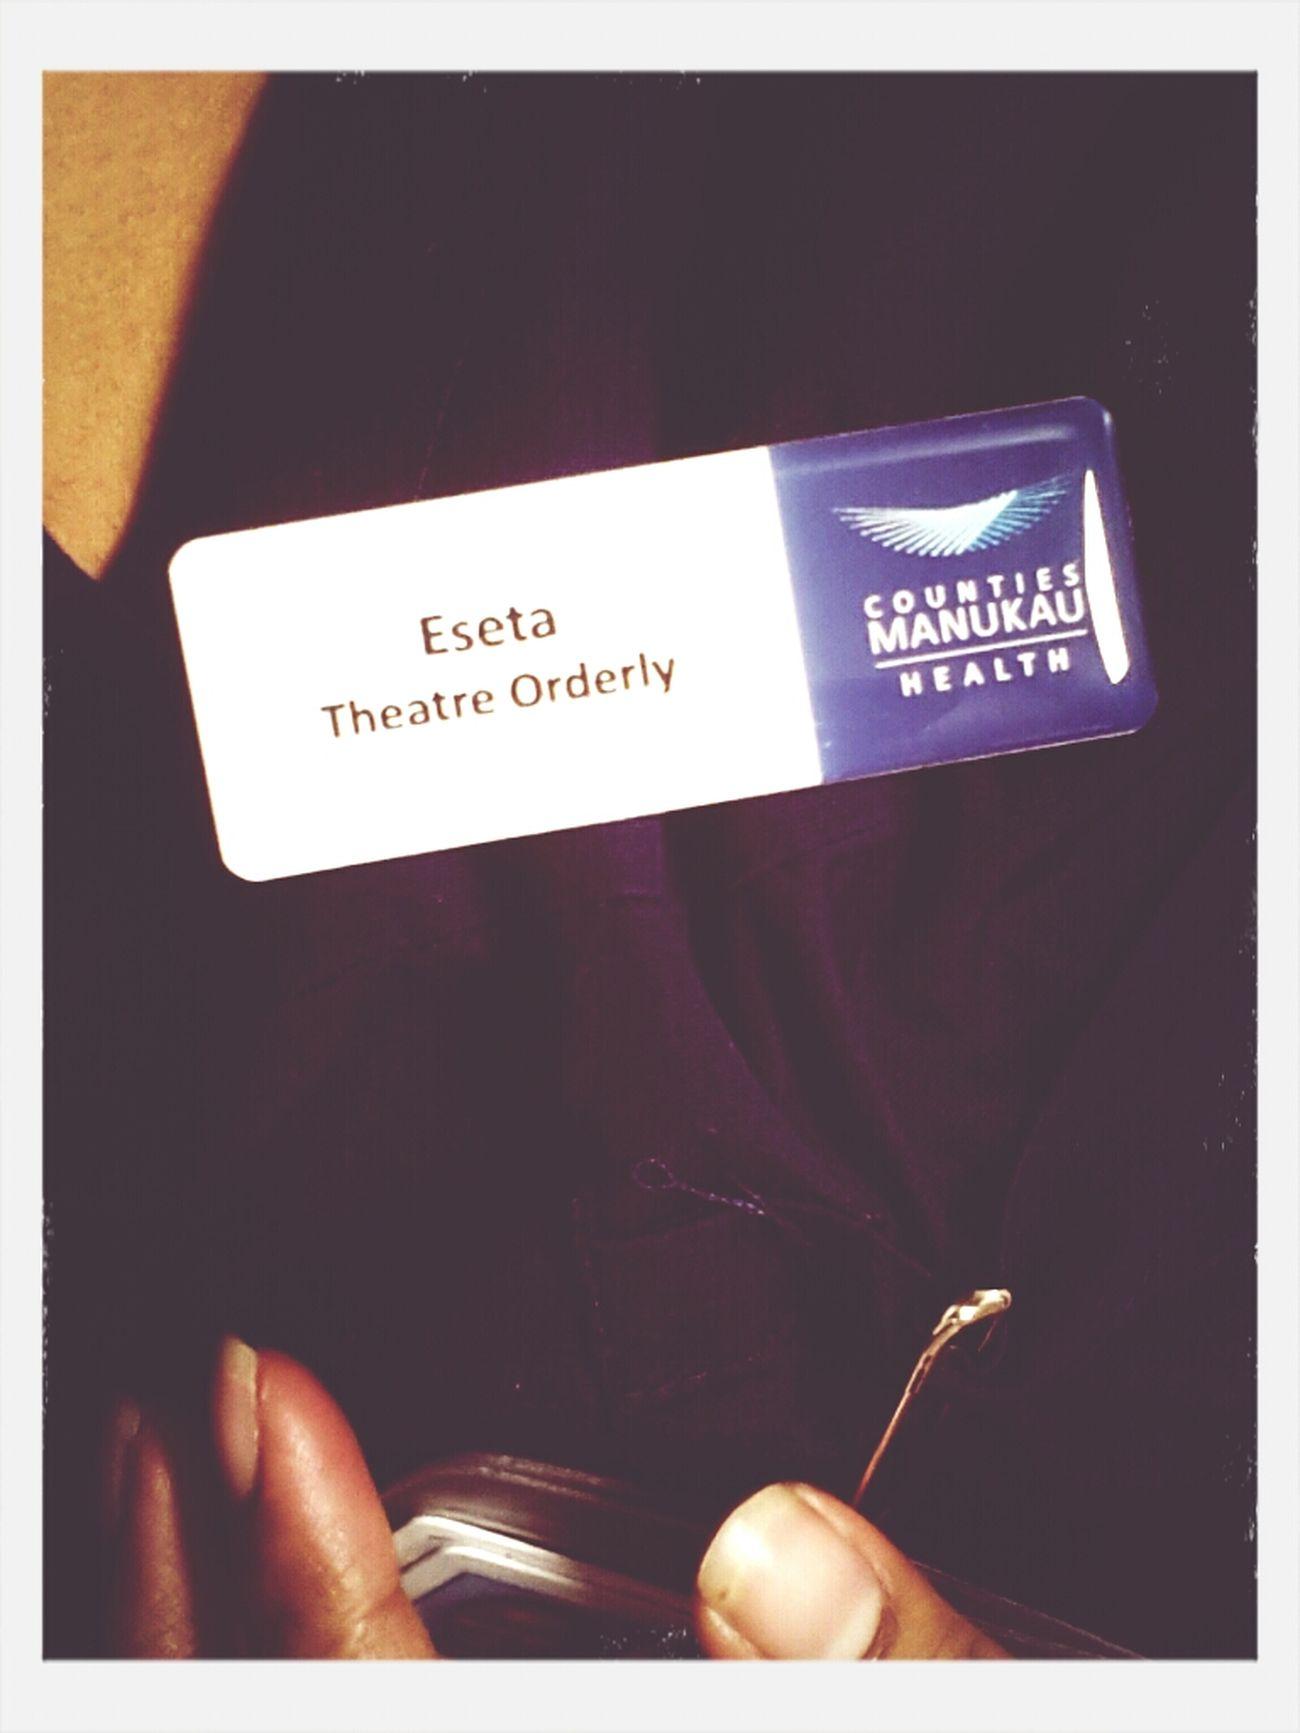 Finally got my self a name badge I feel LEGITASFUCK now